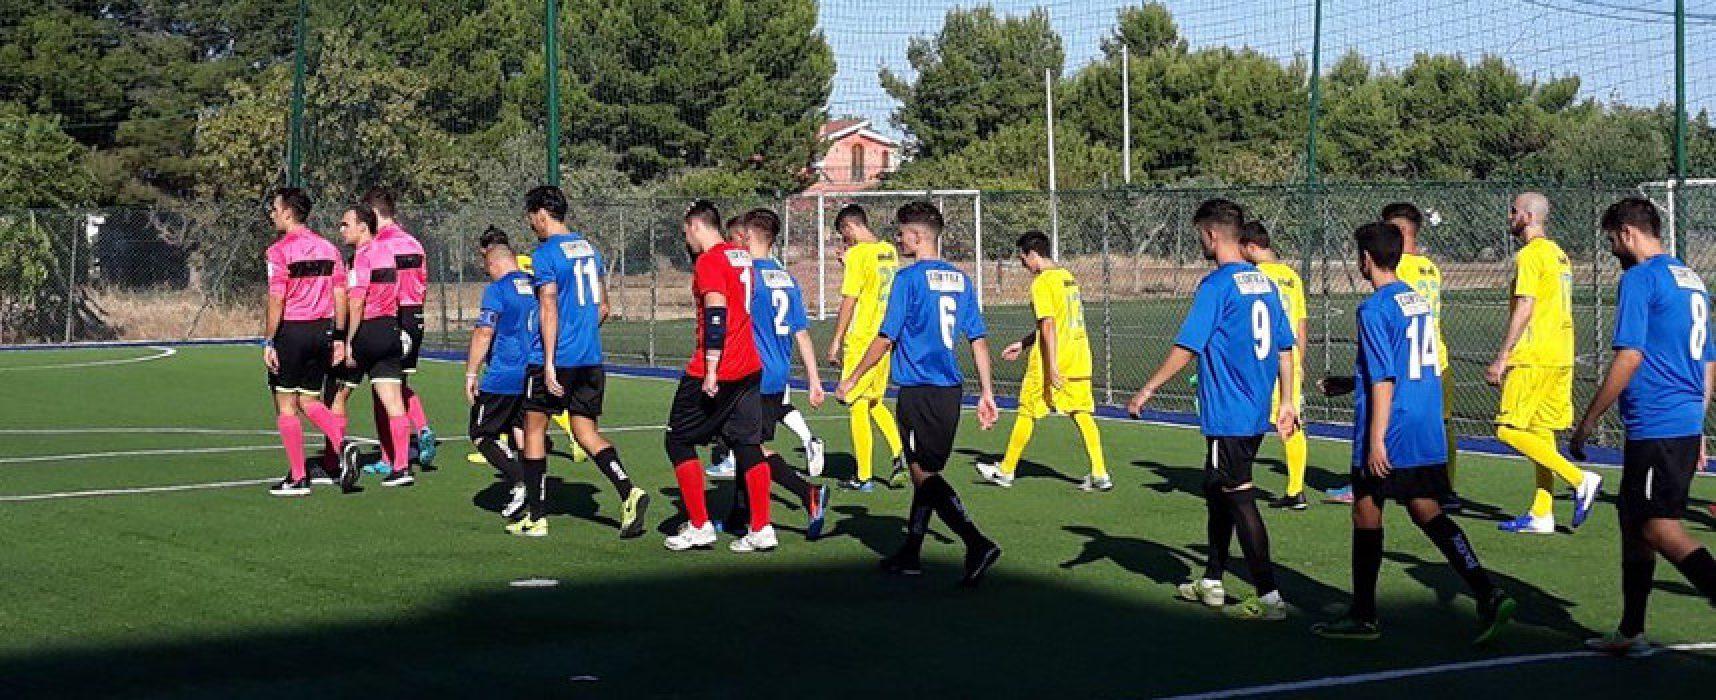 Sconfitte in trasferta per Futsal Bisceglie e Futbol Cinco